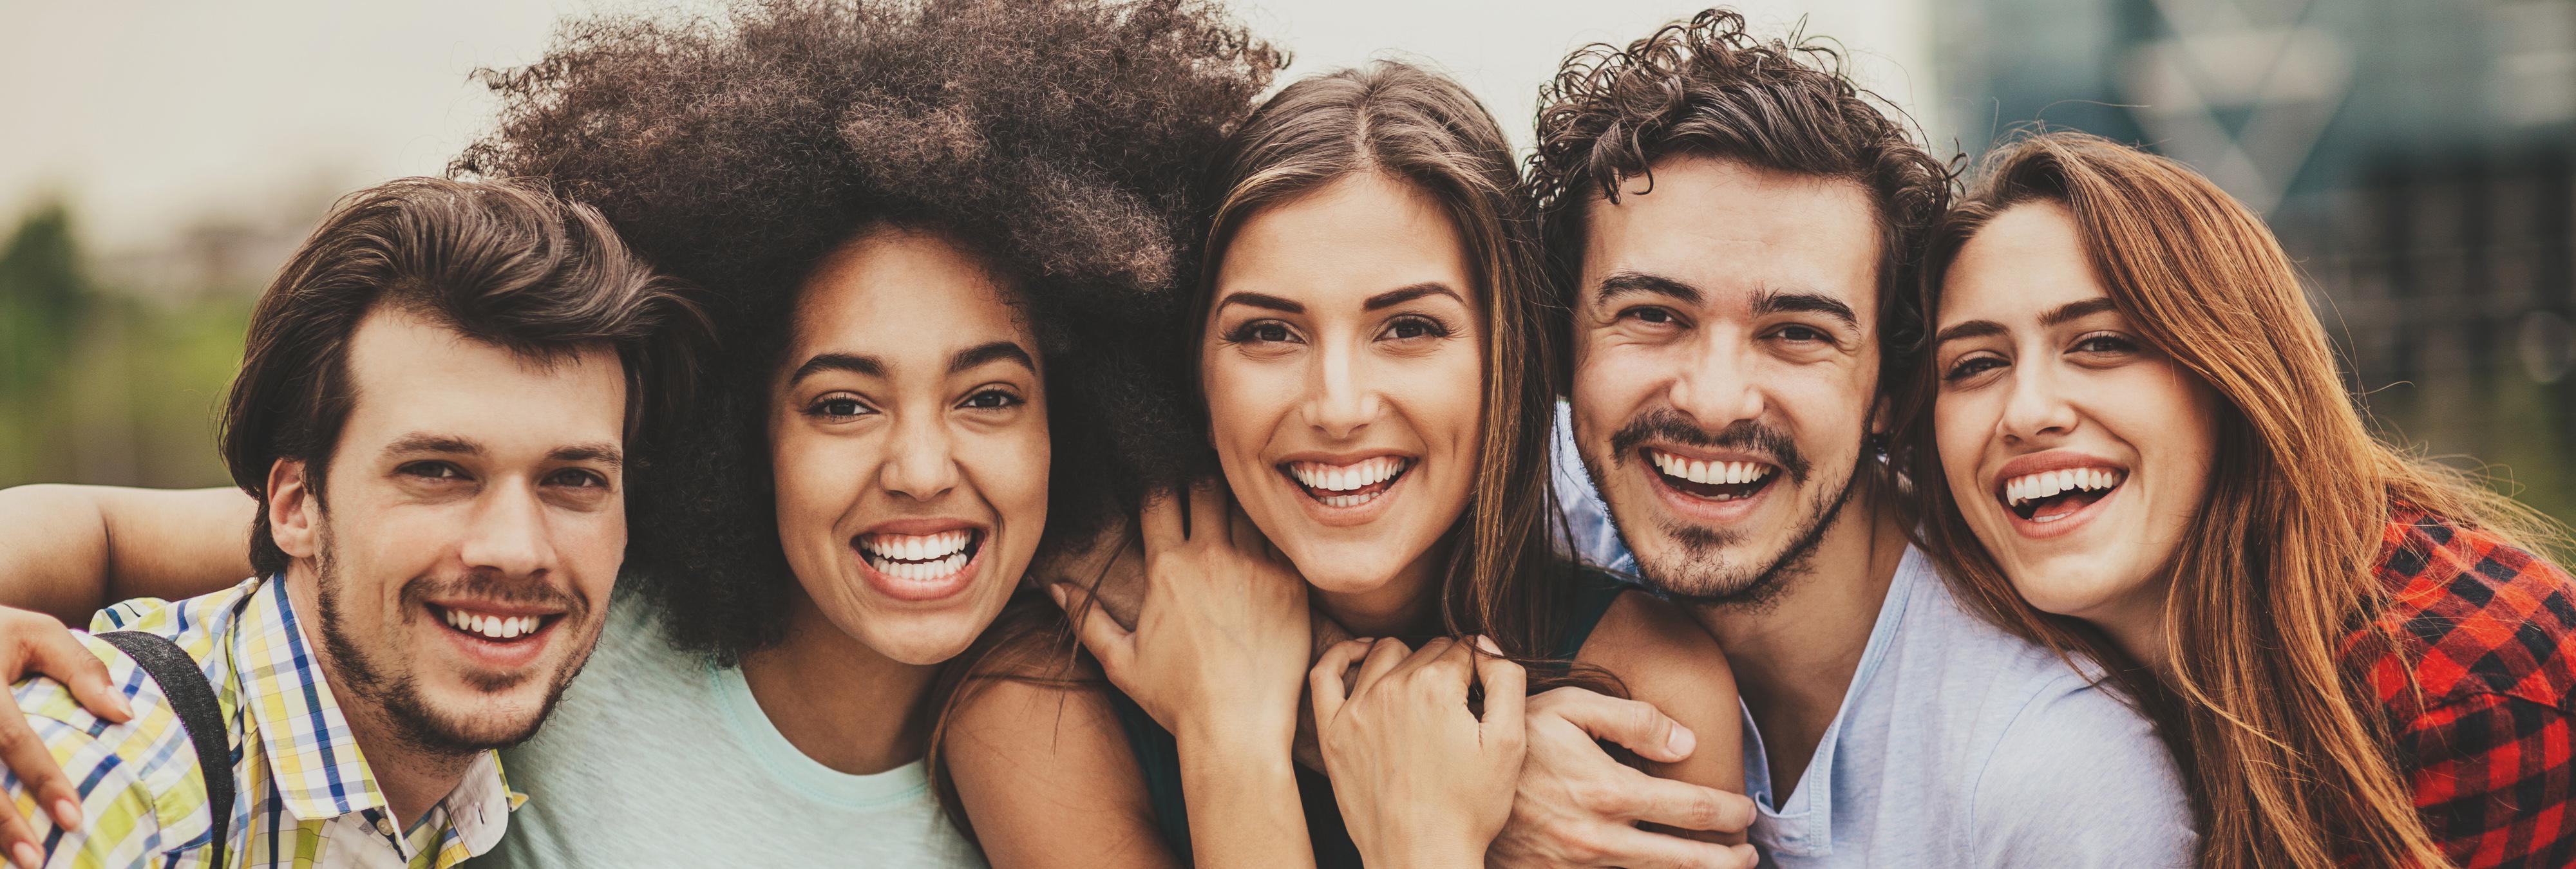 Un estudio demuestra que la amistad entre hombres y mujeres es imposible